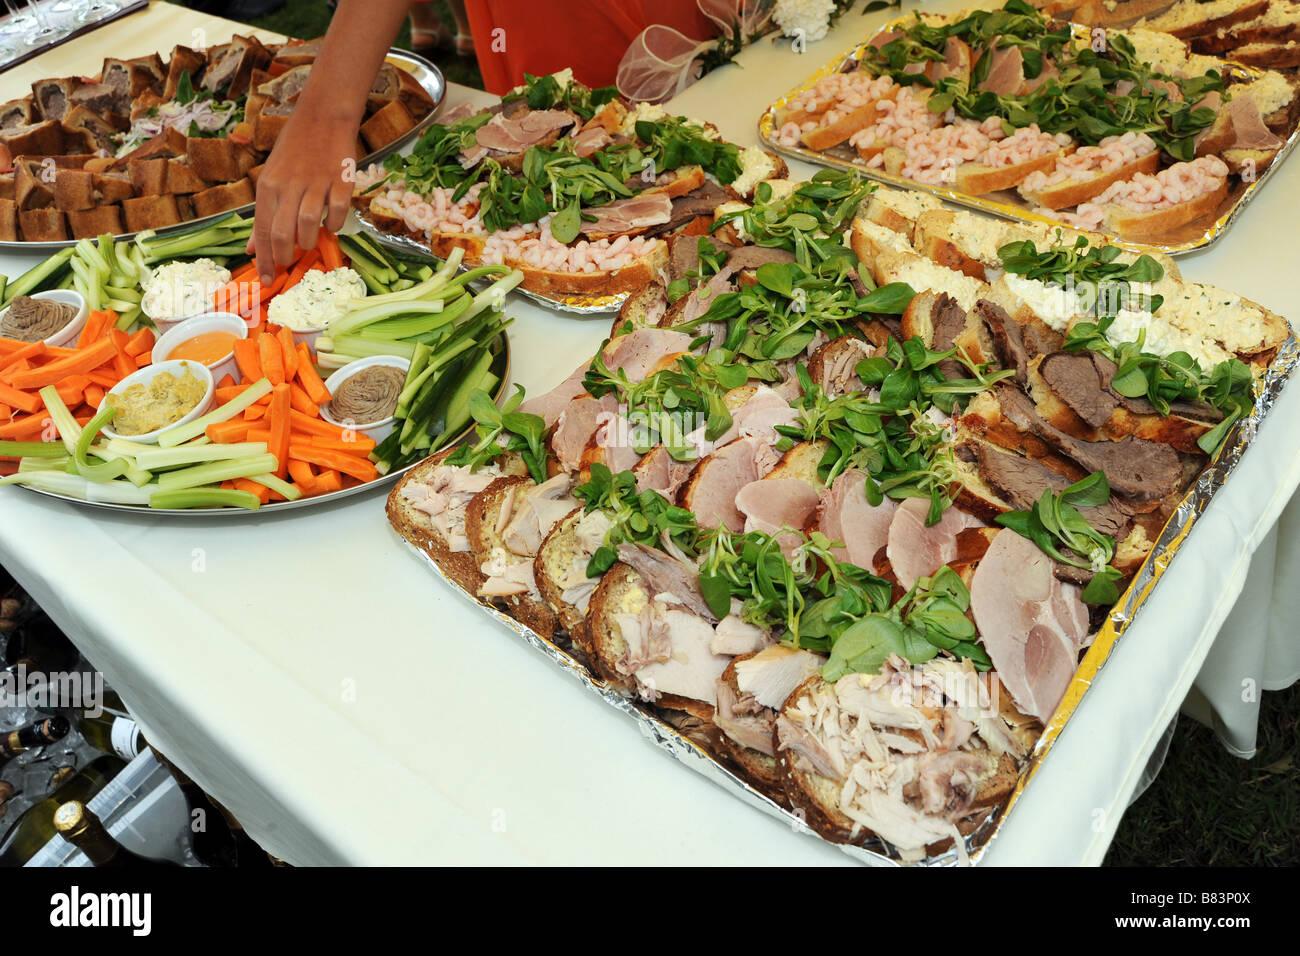 A summer wedding buffet Stock Photo: 22210746 - Alamy